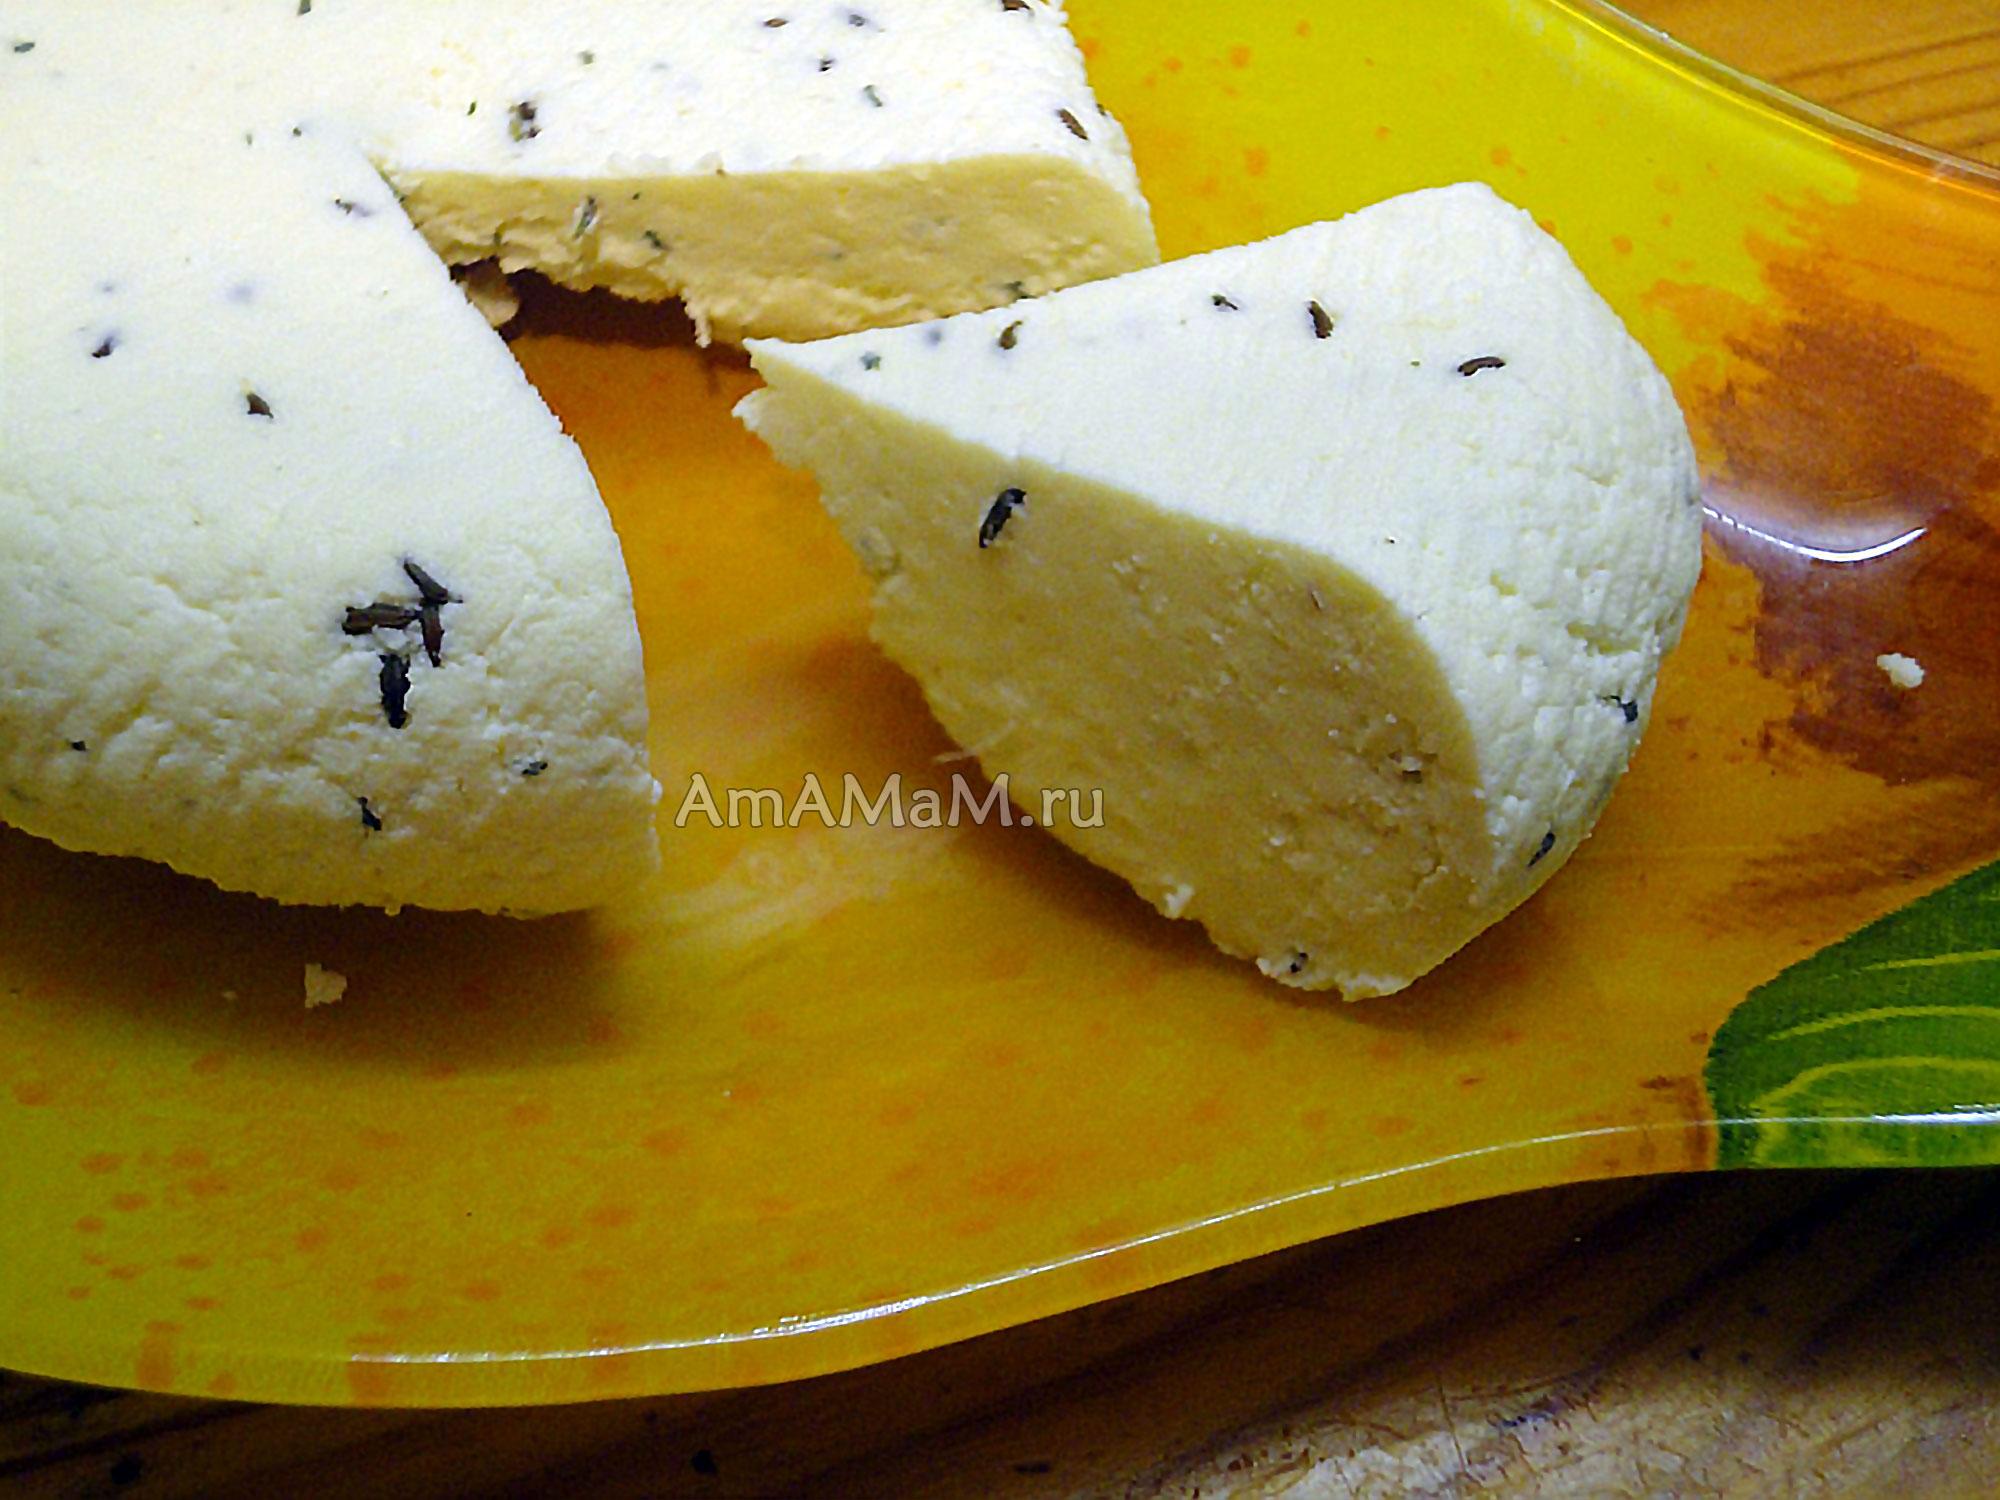 Пошаговый фото рецепт домашнего твердого сыра